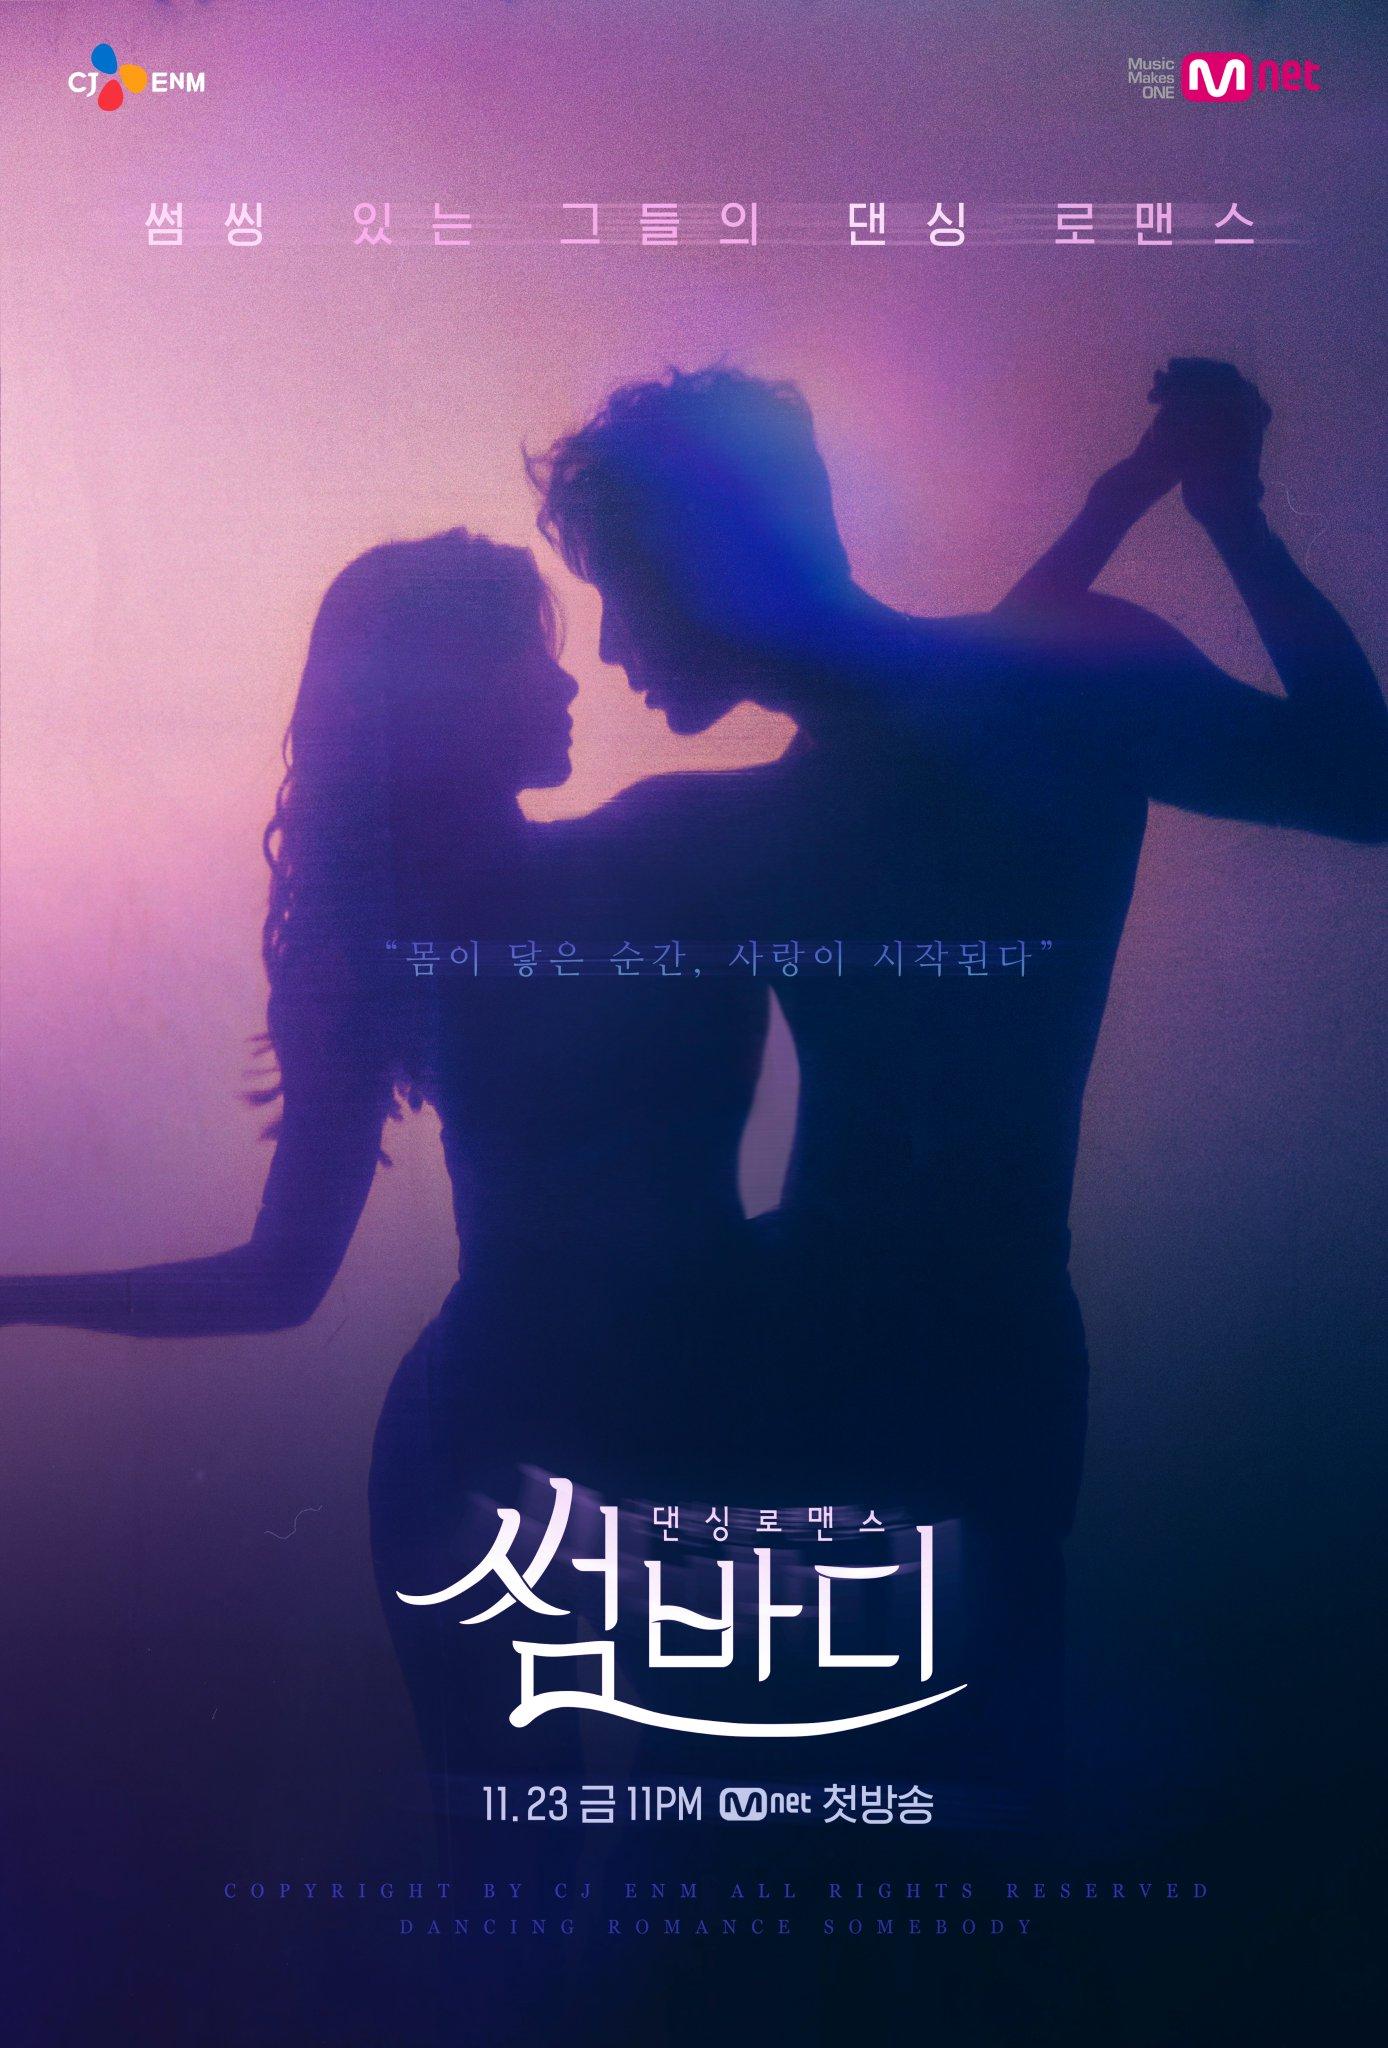 韩国人又在舞蹈节目上玩出了新花样,2月9日完结的《SOMEBODY》你看了吗?插图